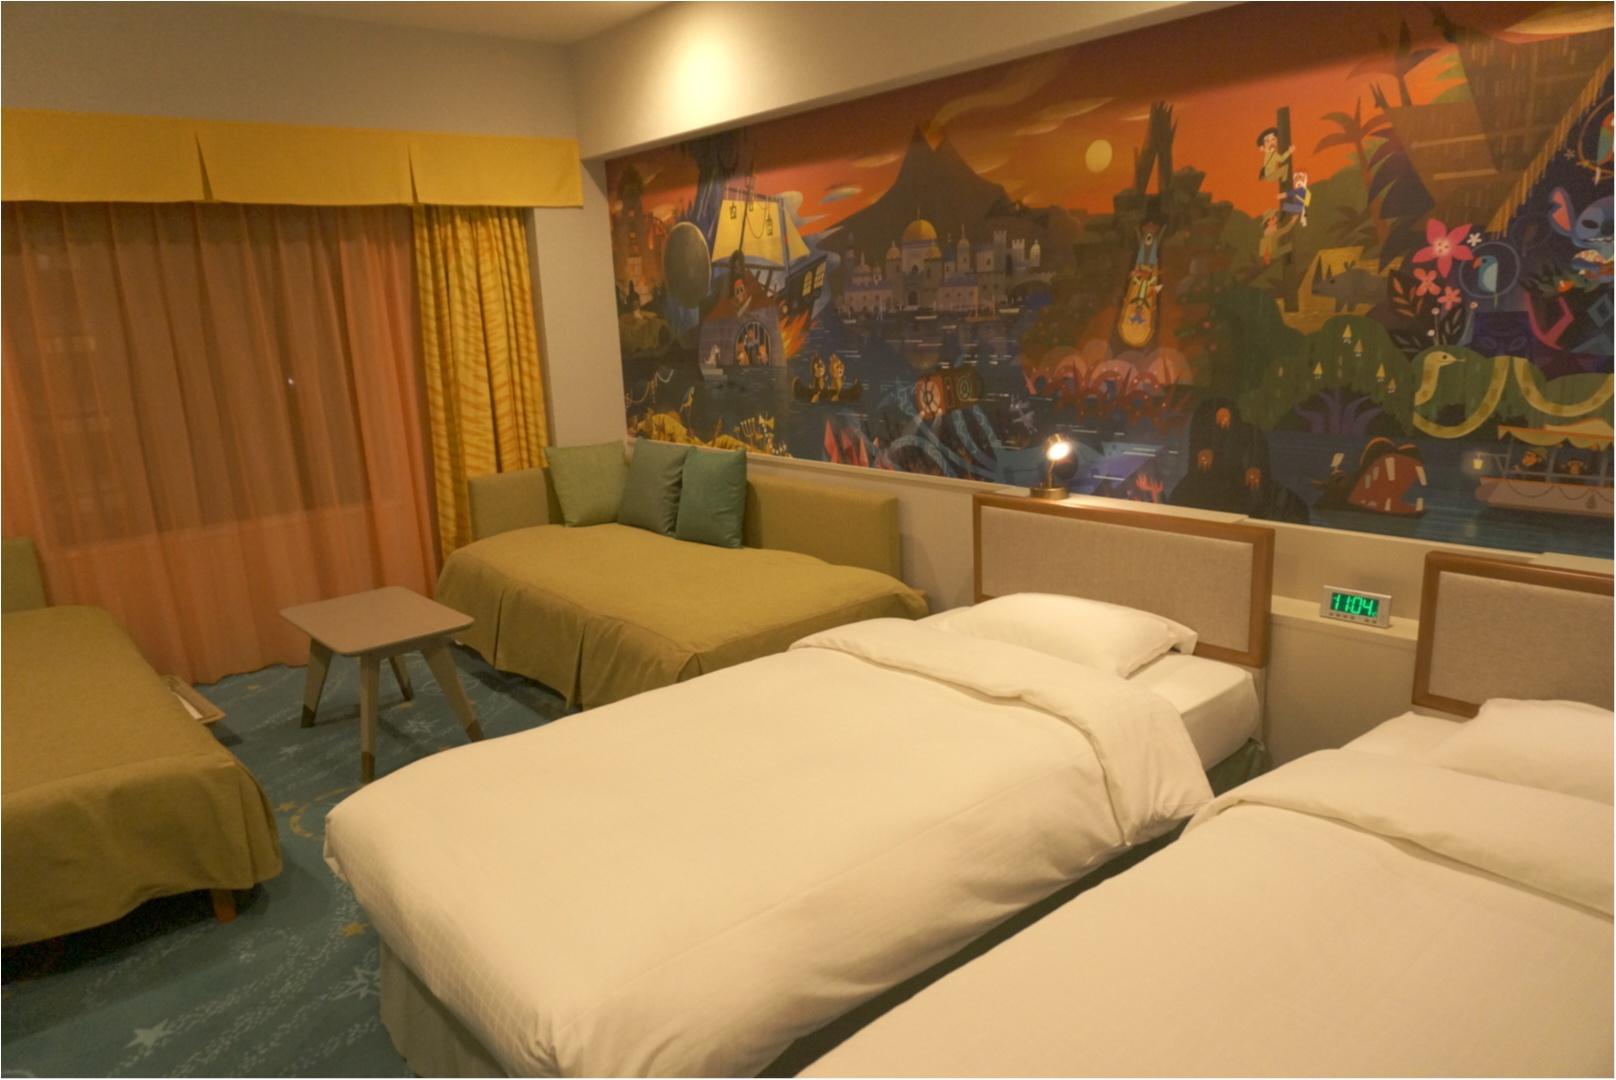 おしゃれなホテル特集 - 全国版 | ゴールデンウィークや連休の女子旅、国内旅行で泊まりたい宿まとめ_35